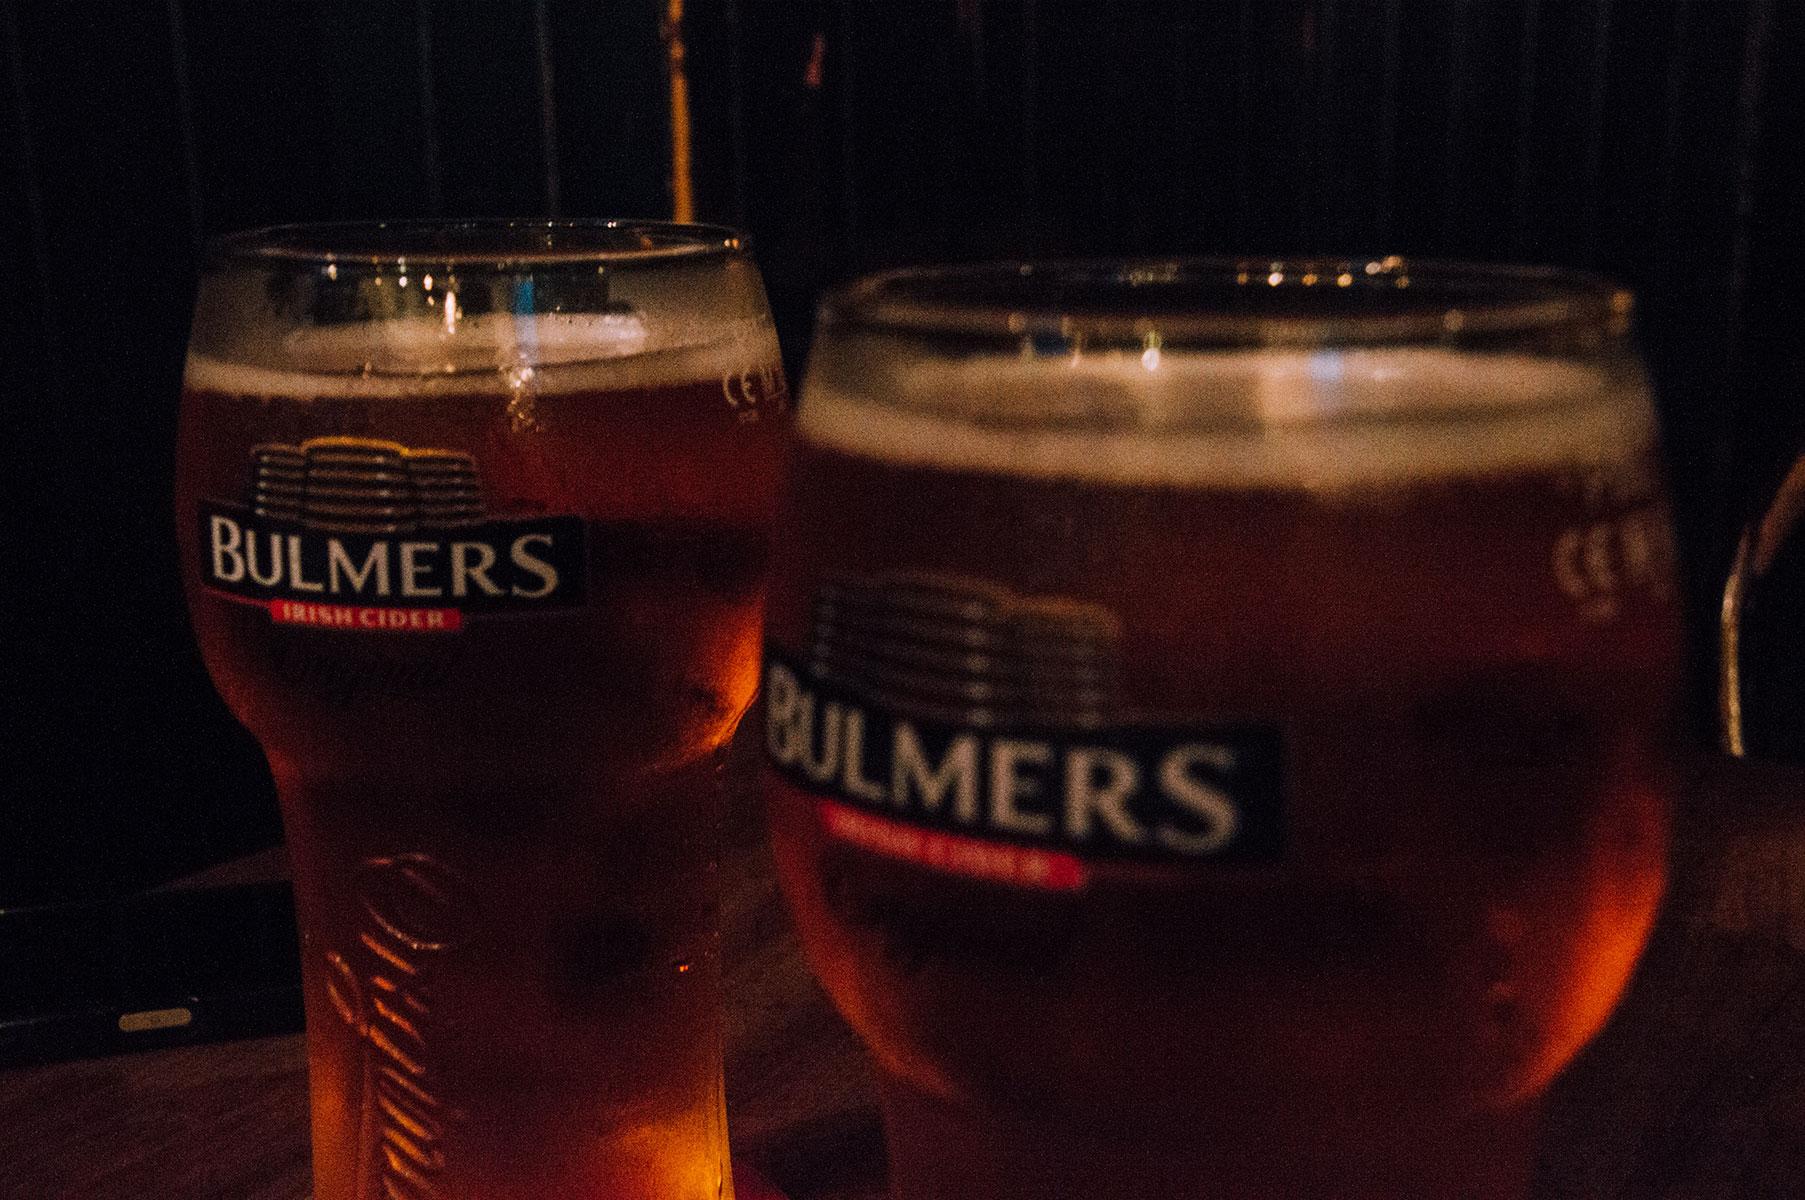 Dublin pub cidre Bulmers